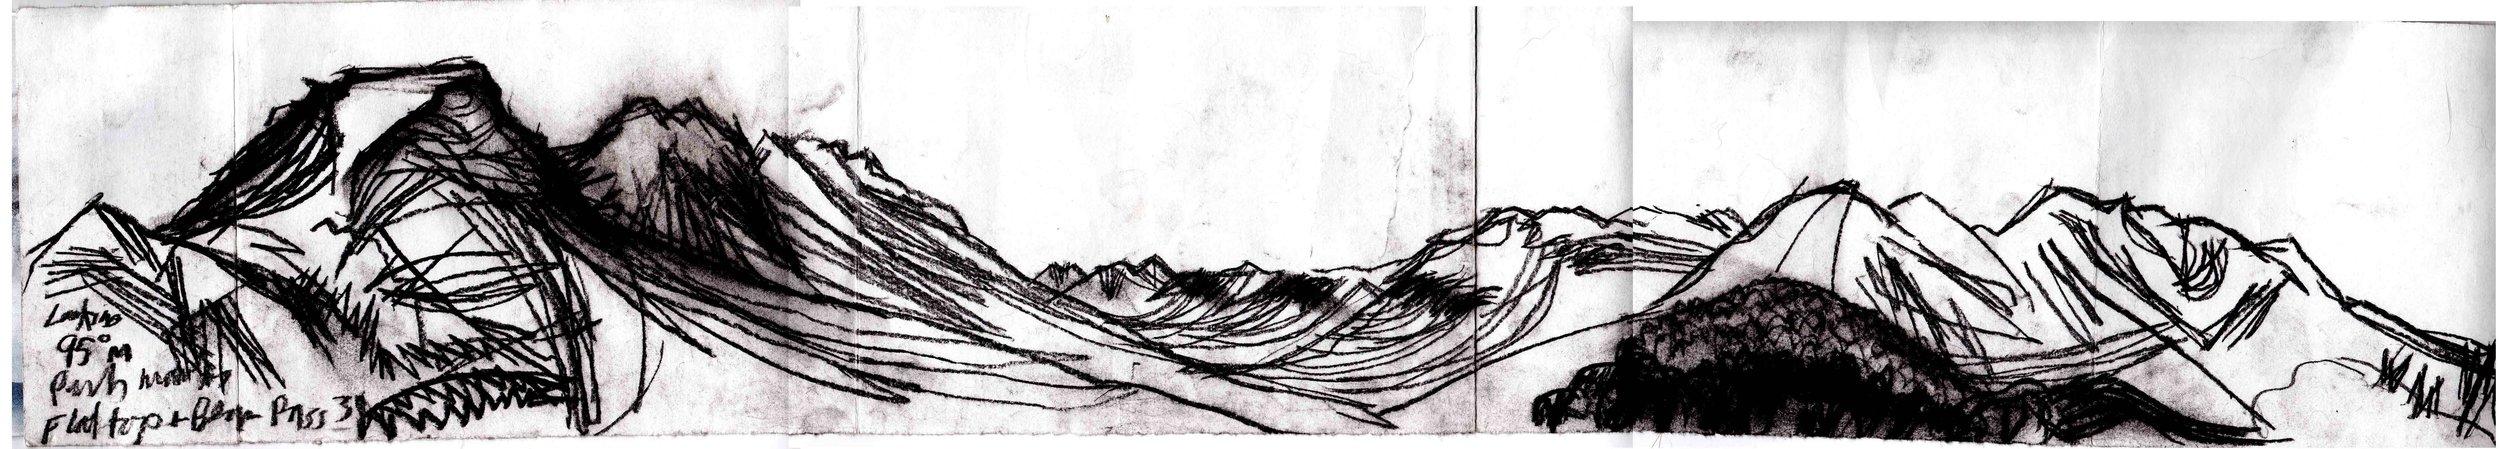 Alaska-Flat-Top-and-Bear-valley-panorama_2.jpg